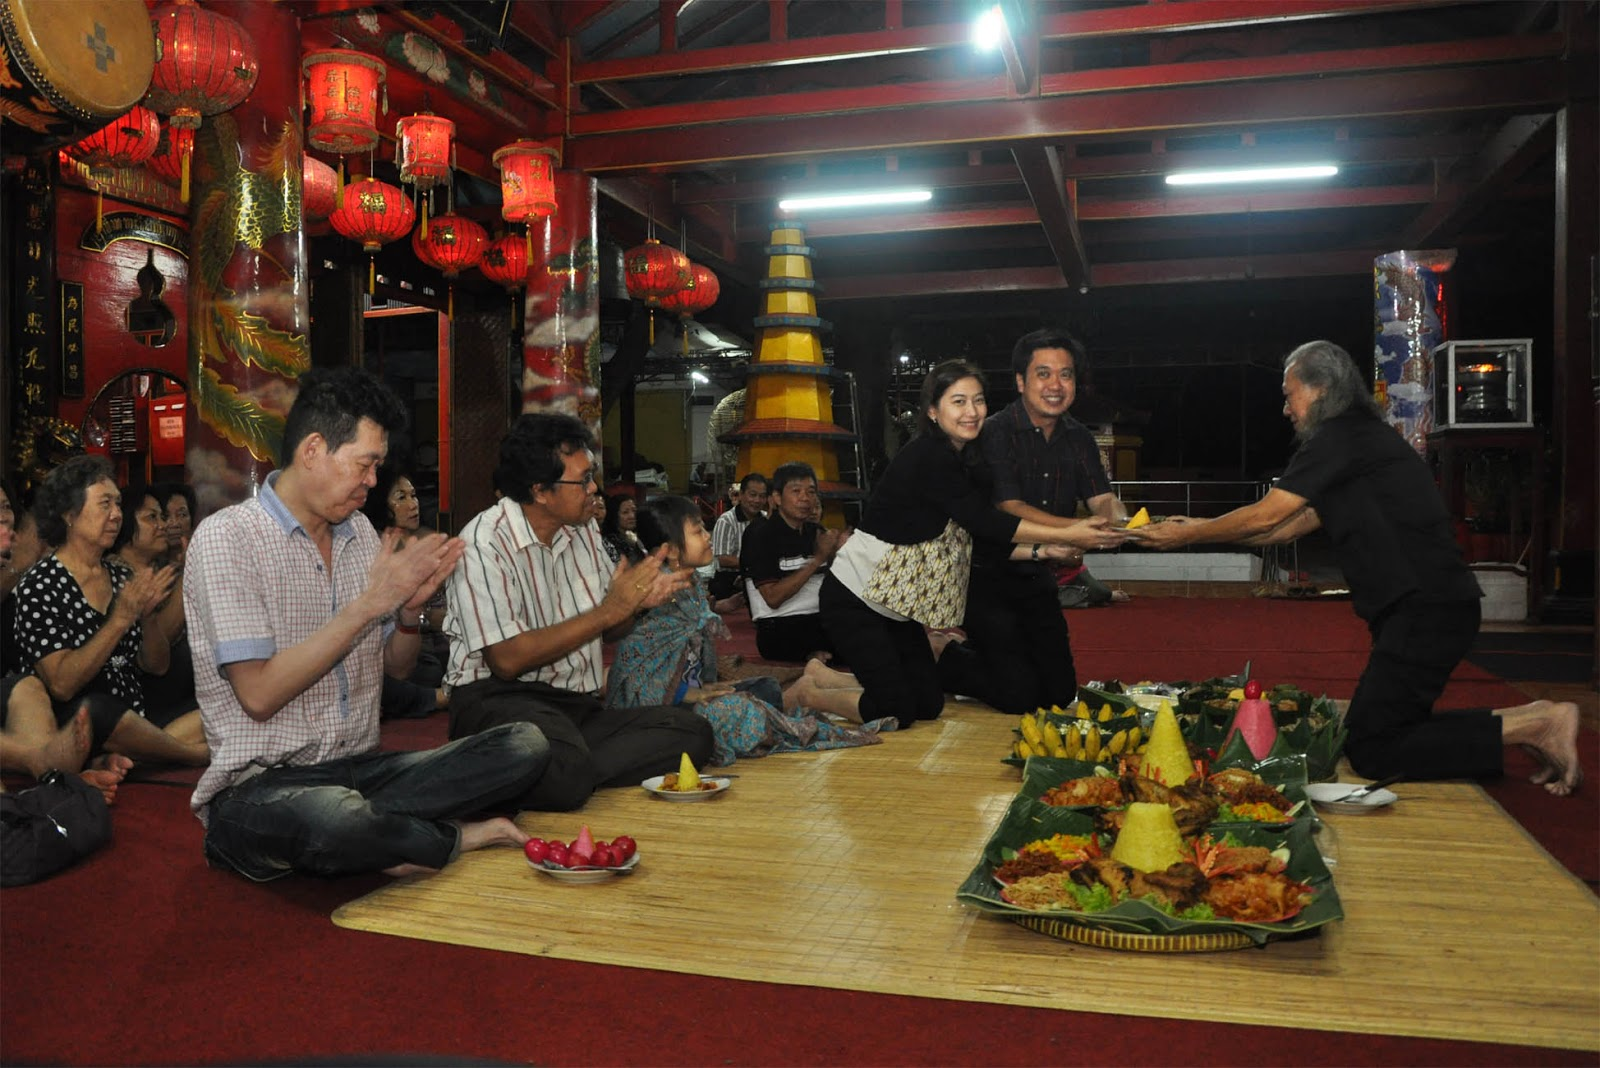 Suhu Tenang Penting Klen Harian Semarang Pengurus Yayasan Vihara Avalokitesvara